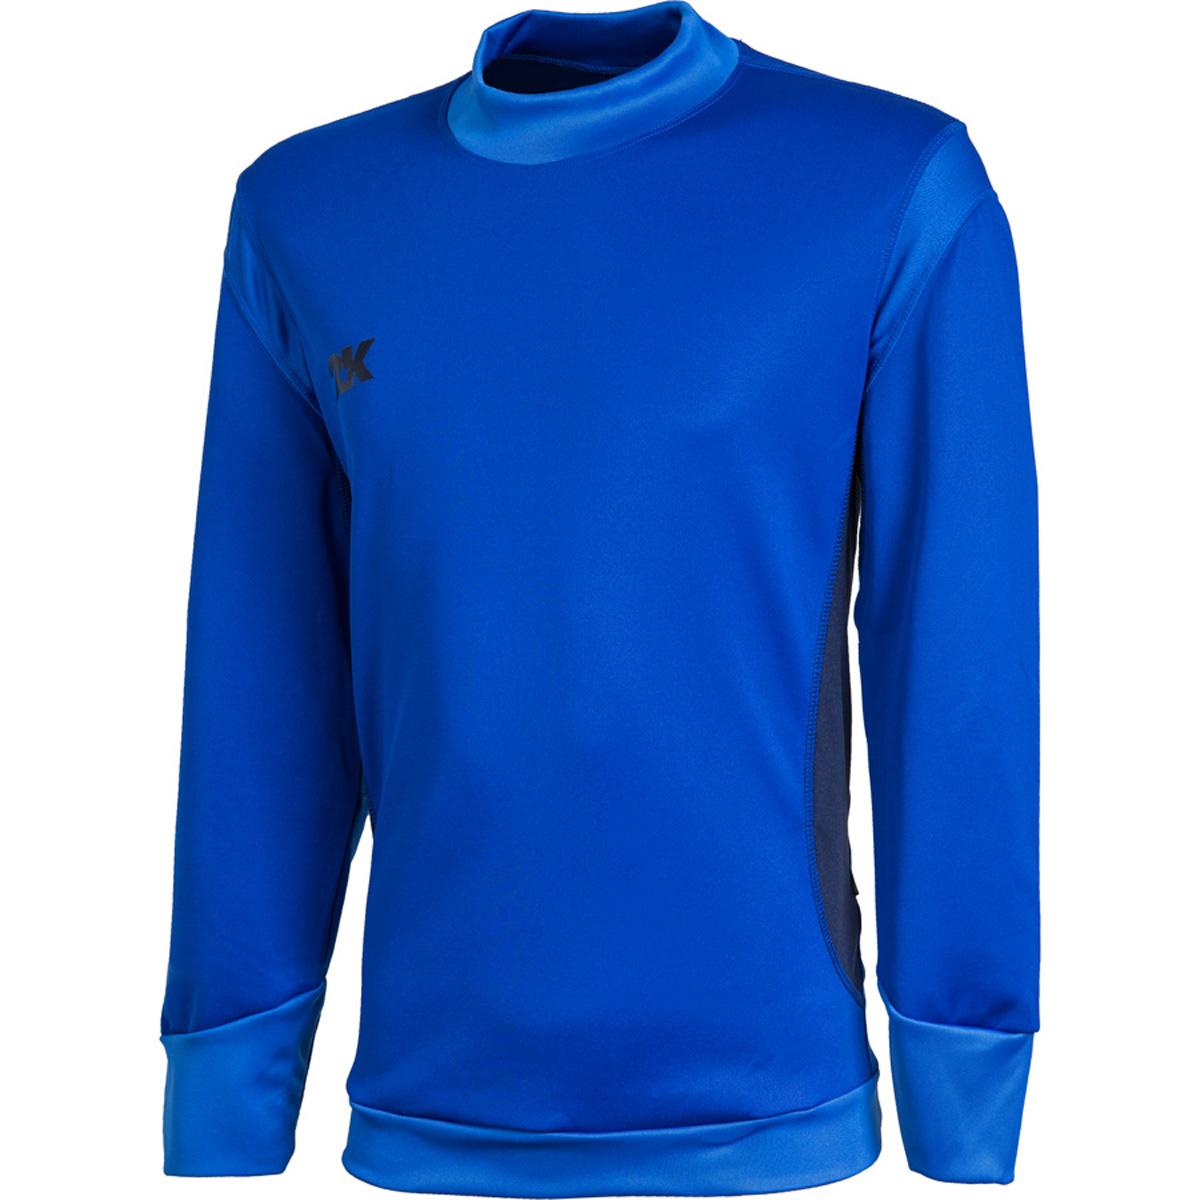 Тренировочный лонгслив 2K Sport Vettore, цвет: синий, темно-синий. 111135. Размер XXS (42)111135_royal/navyТренировочный лонгслив 2K Vettore предназначен для тренировок в теплое время года, а также отлично подходит для повседневной носки. Вентилируемая ткань, обеспечивающая эффективный отвод влаги и сохранение тепла. Анатомический крой манжет на рукавах.